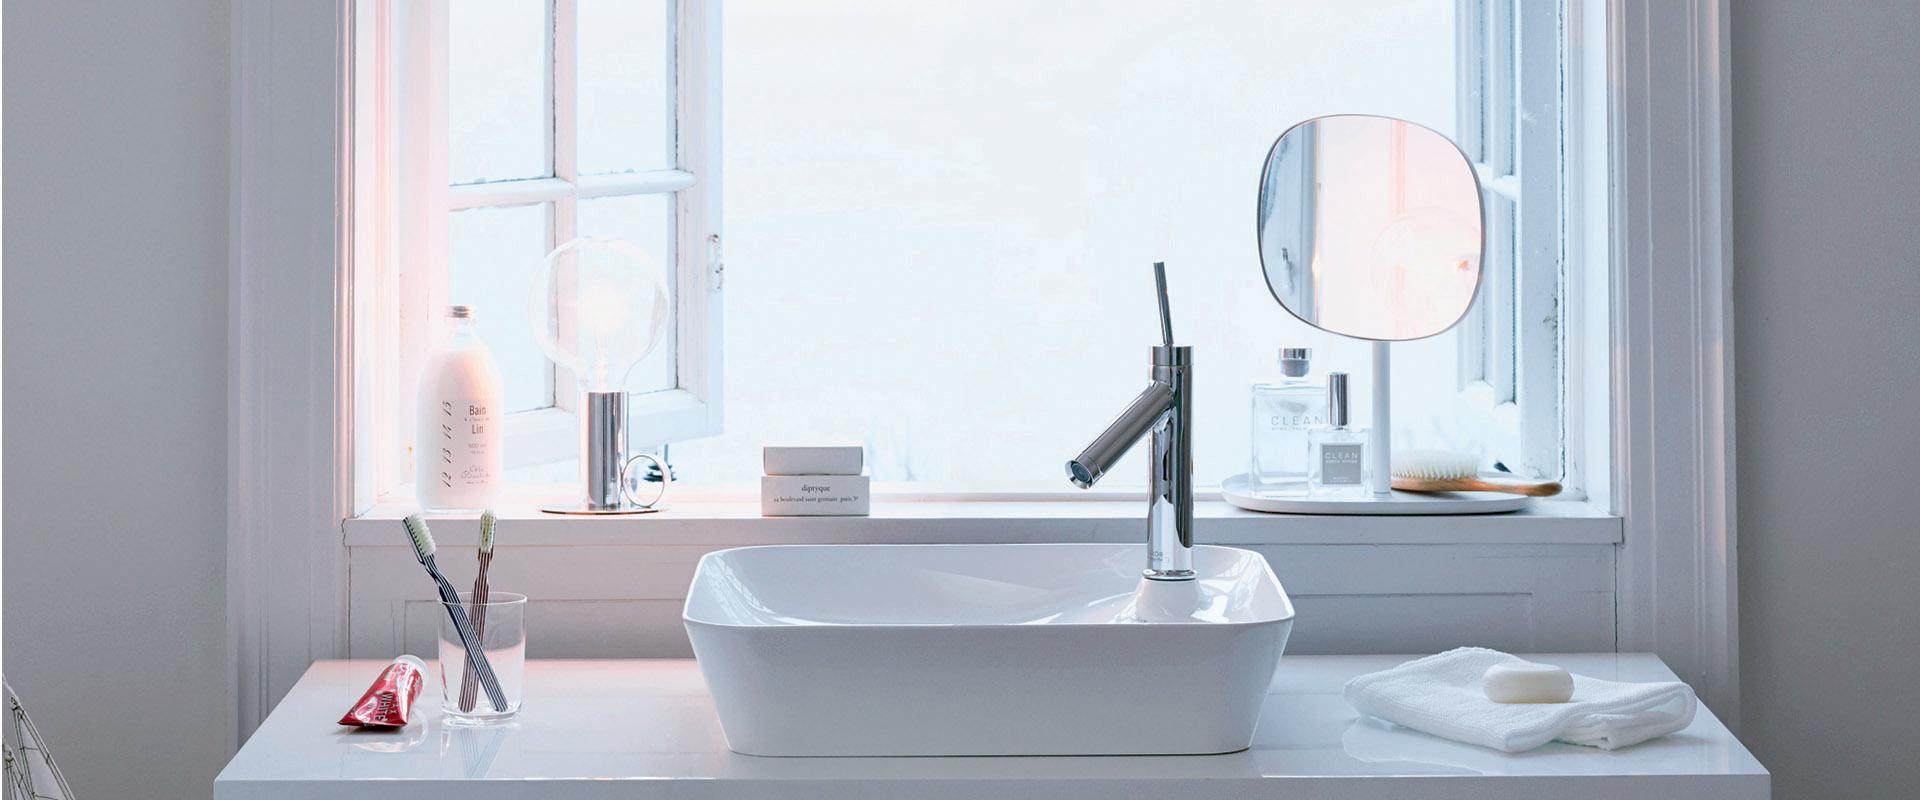 bonus ristrutturazione 2018 per il tuo nuovo bagno: guida completa